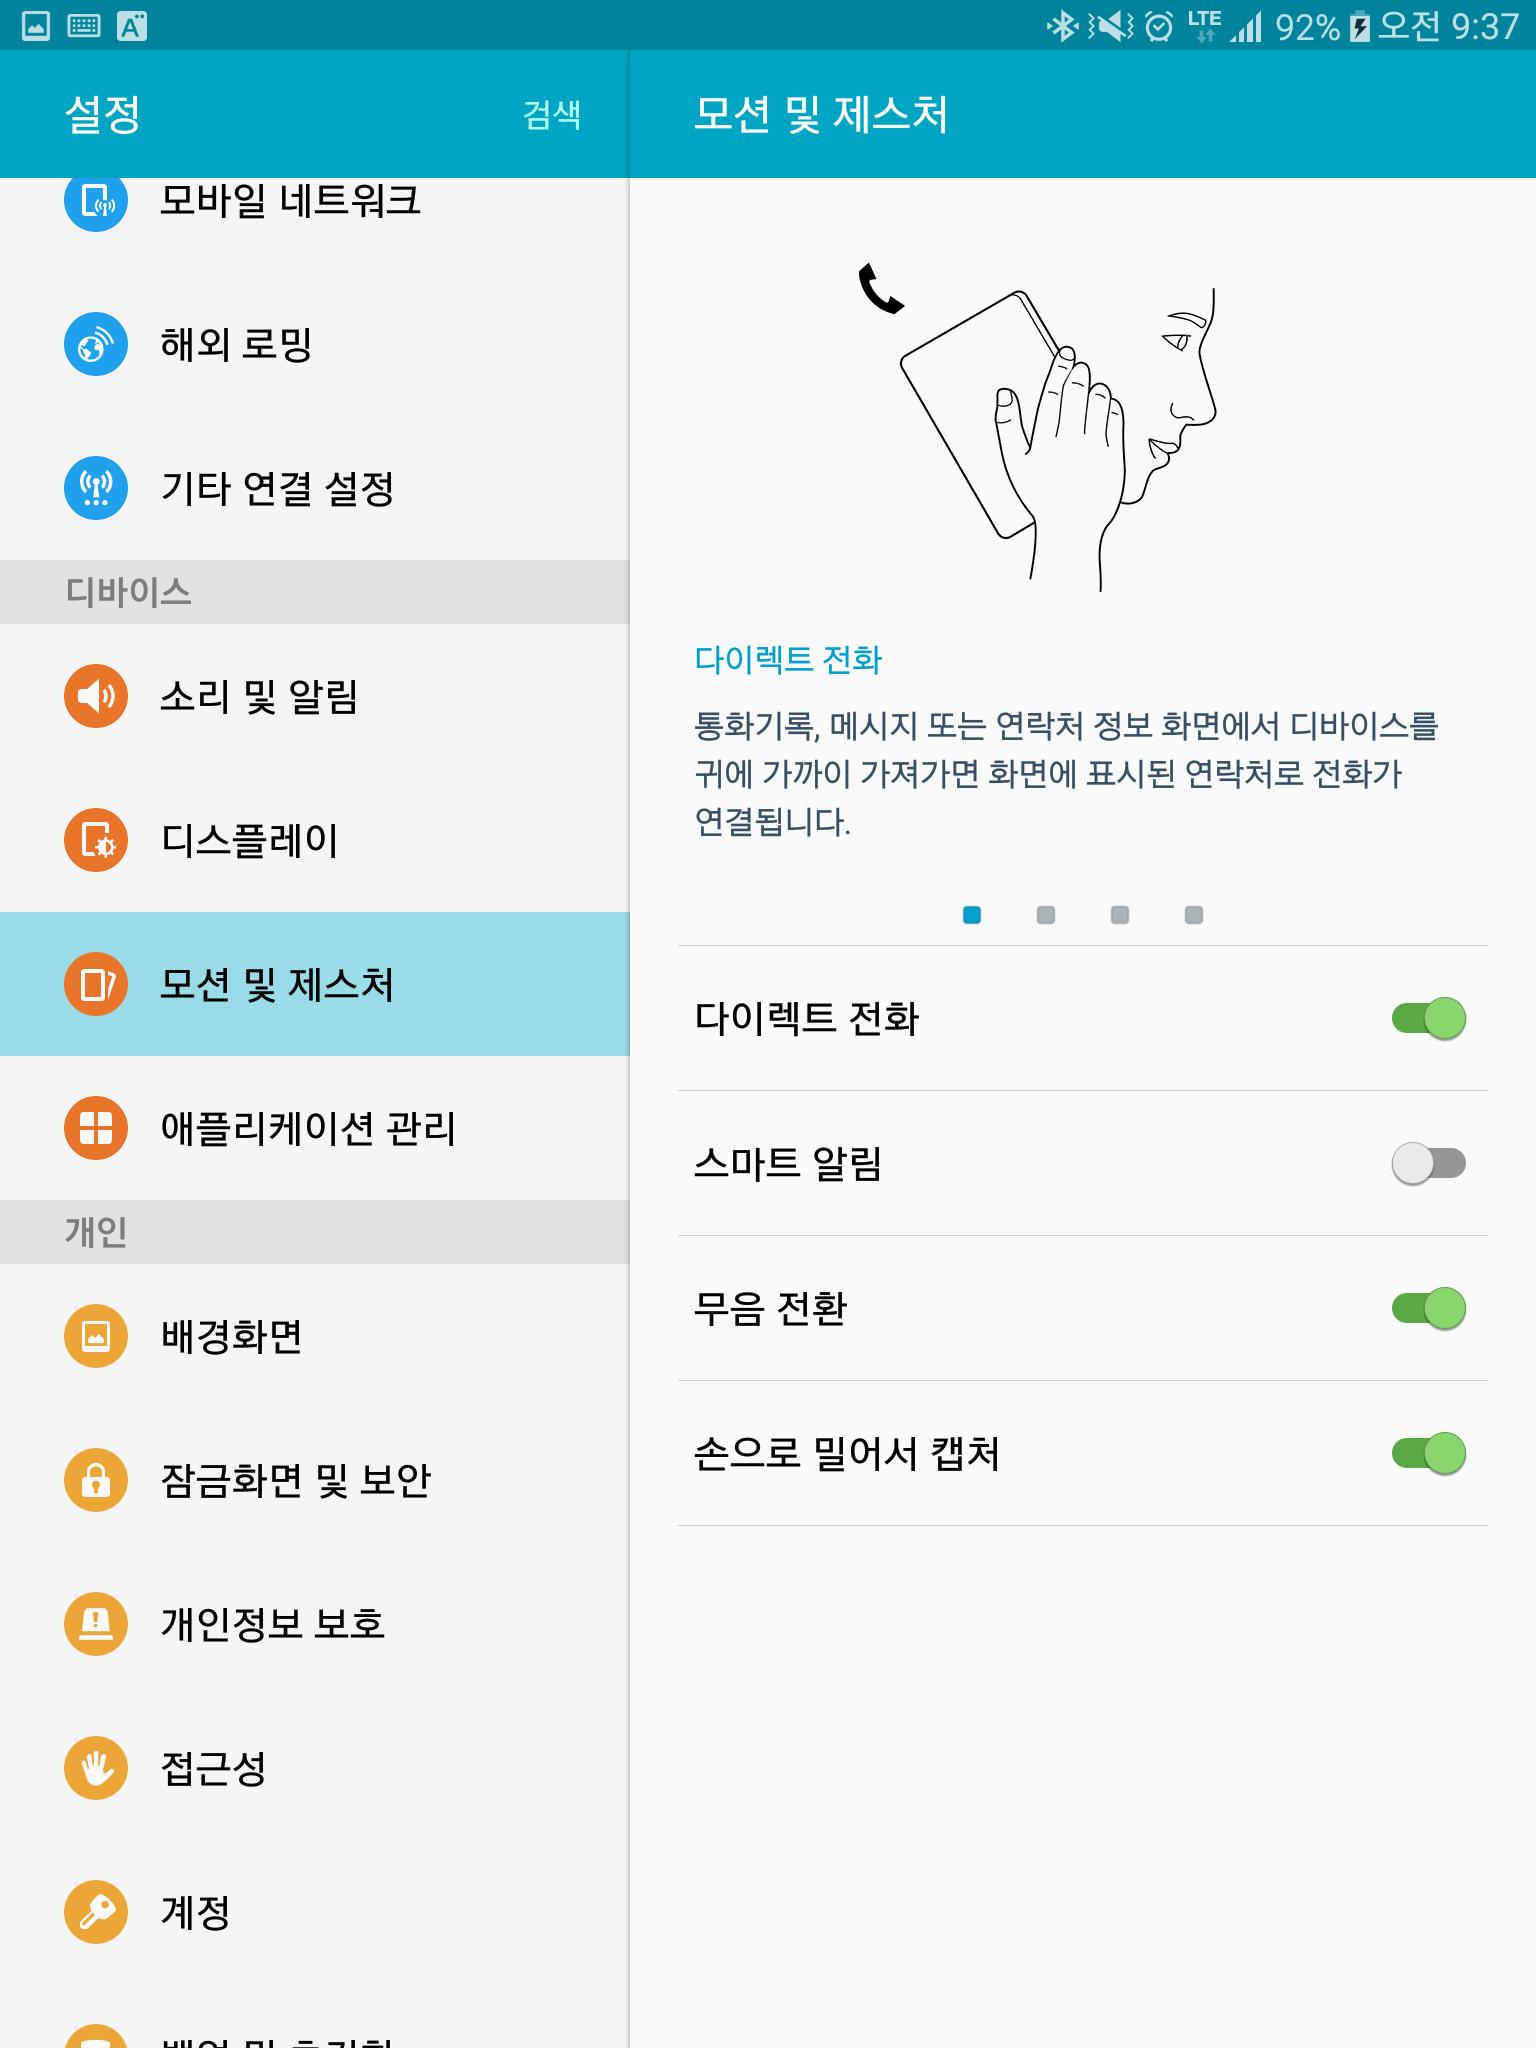 갤럭시탭S2 8.0 검색 유입 키워드(NFC, 캡쳐, 요..